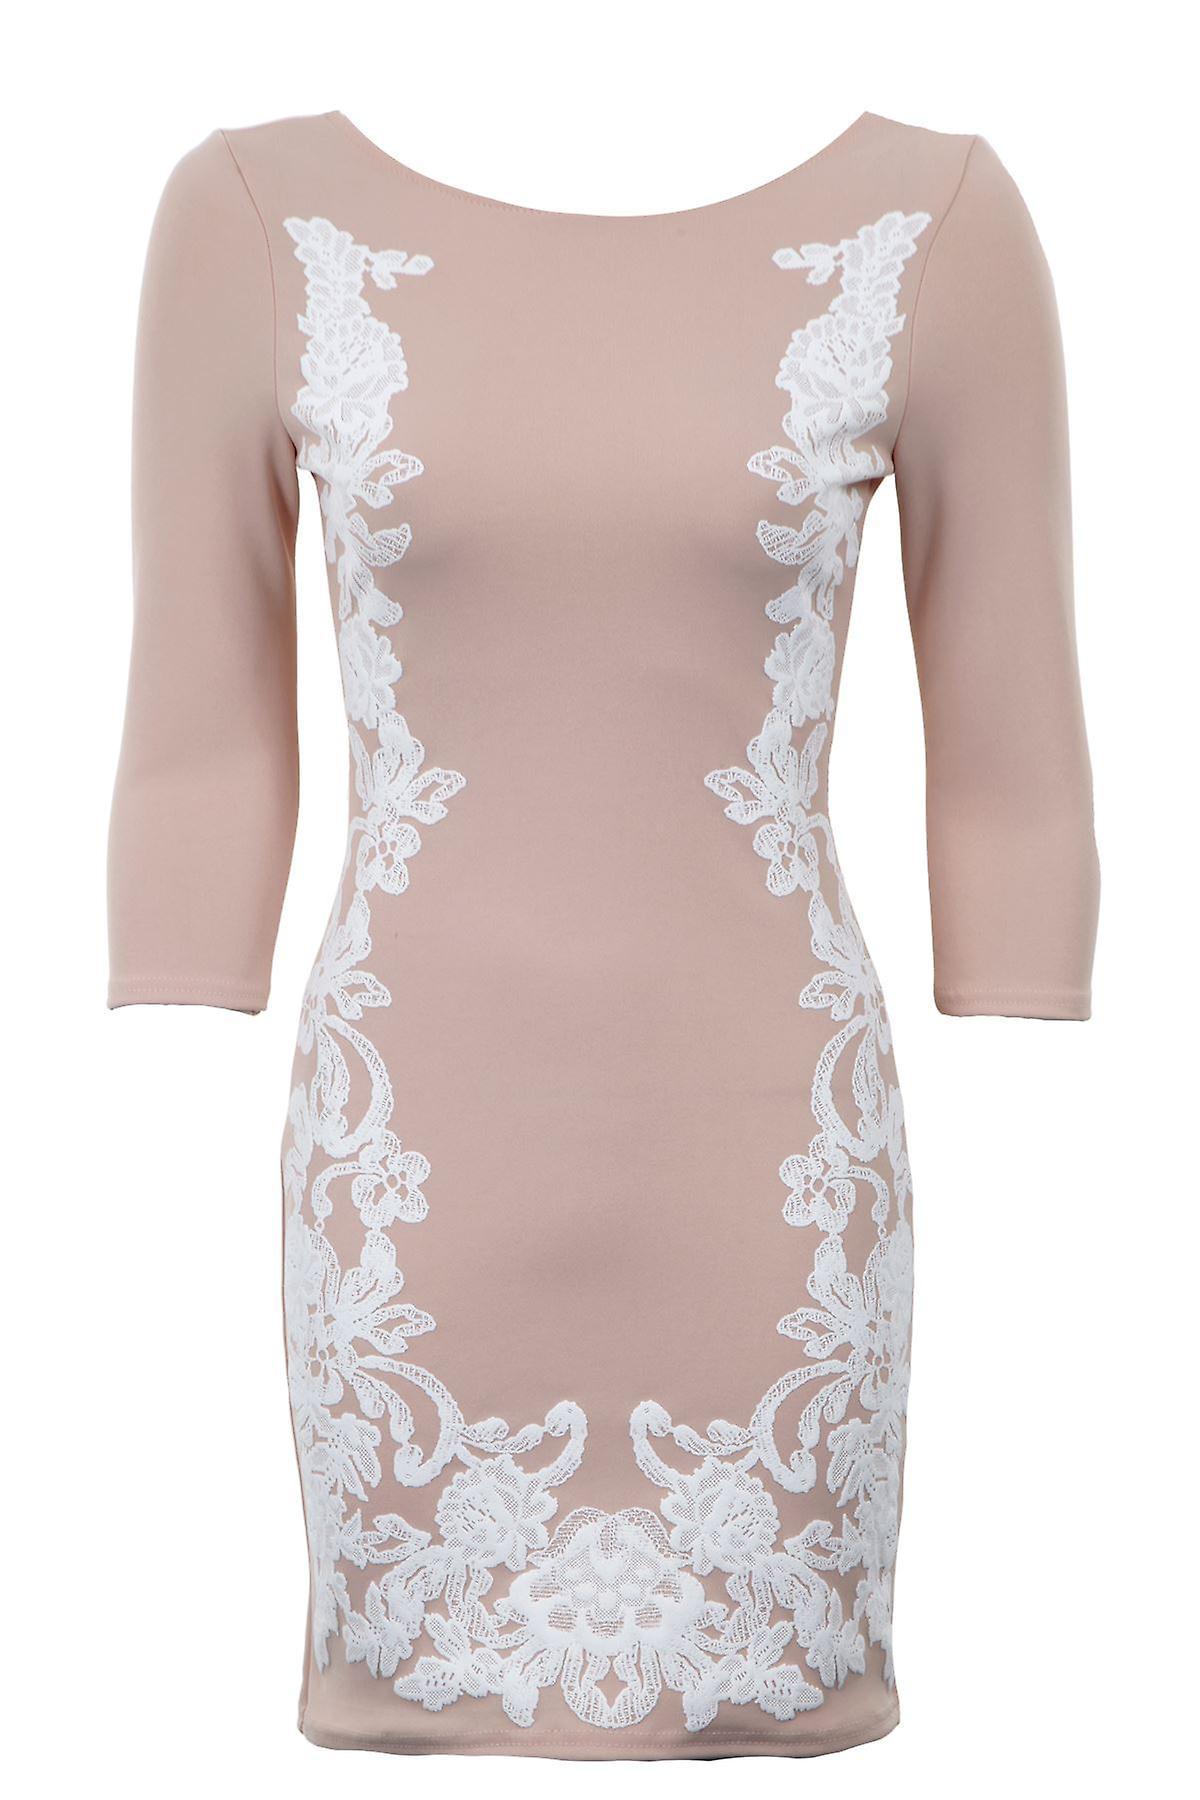 Uusi hyvät 3/4 hihat kukka kohokuvioitu Slim sopiva Bodycon naisten pukeutuminen